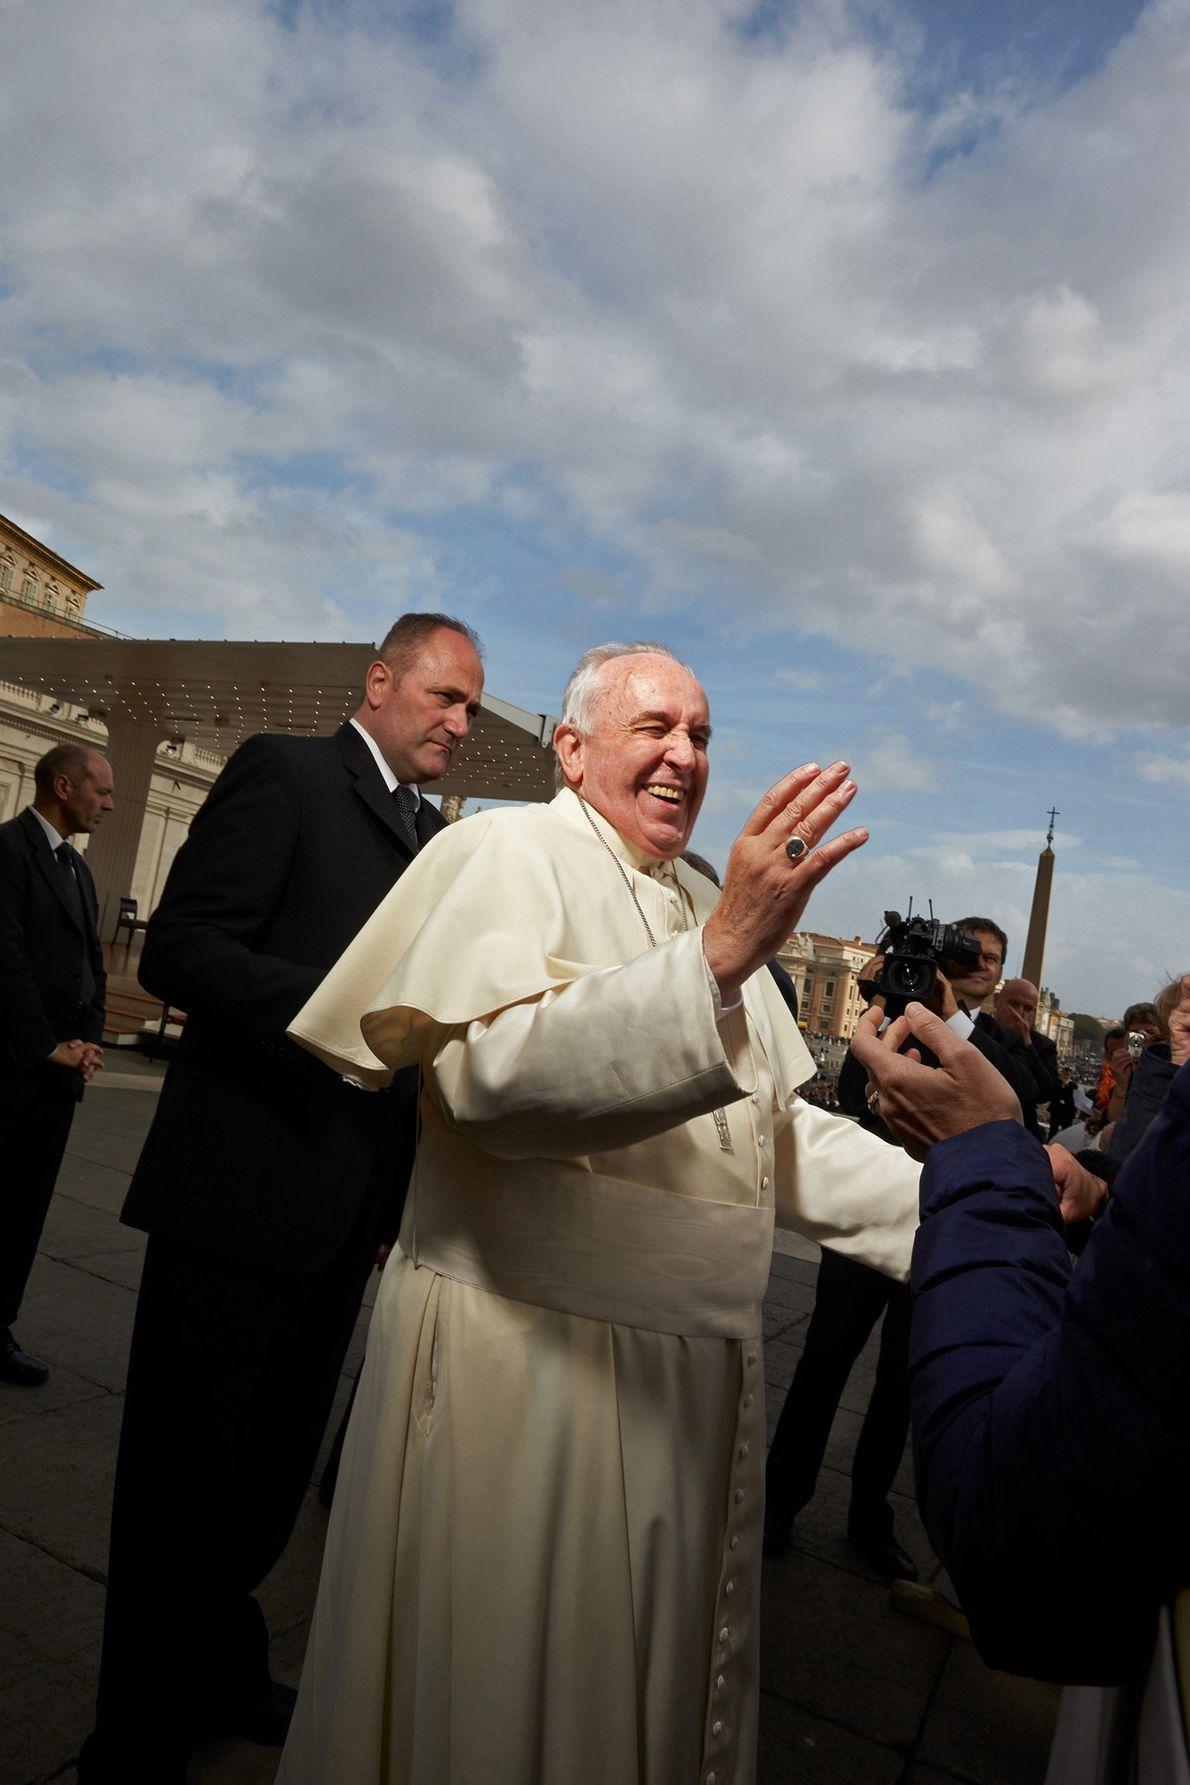 A Papal Chuckle